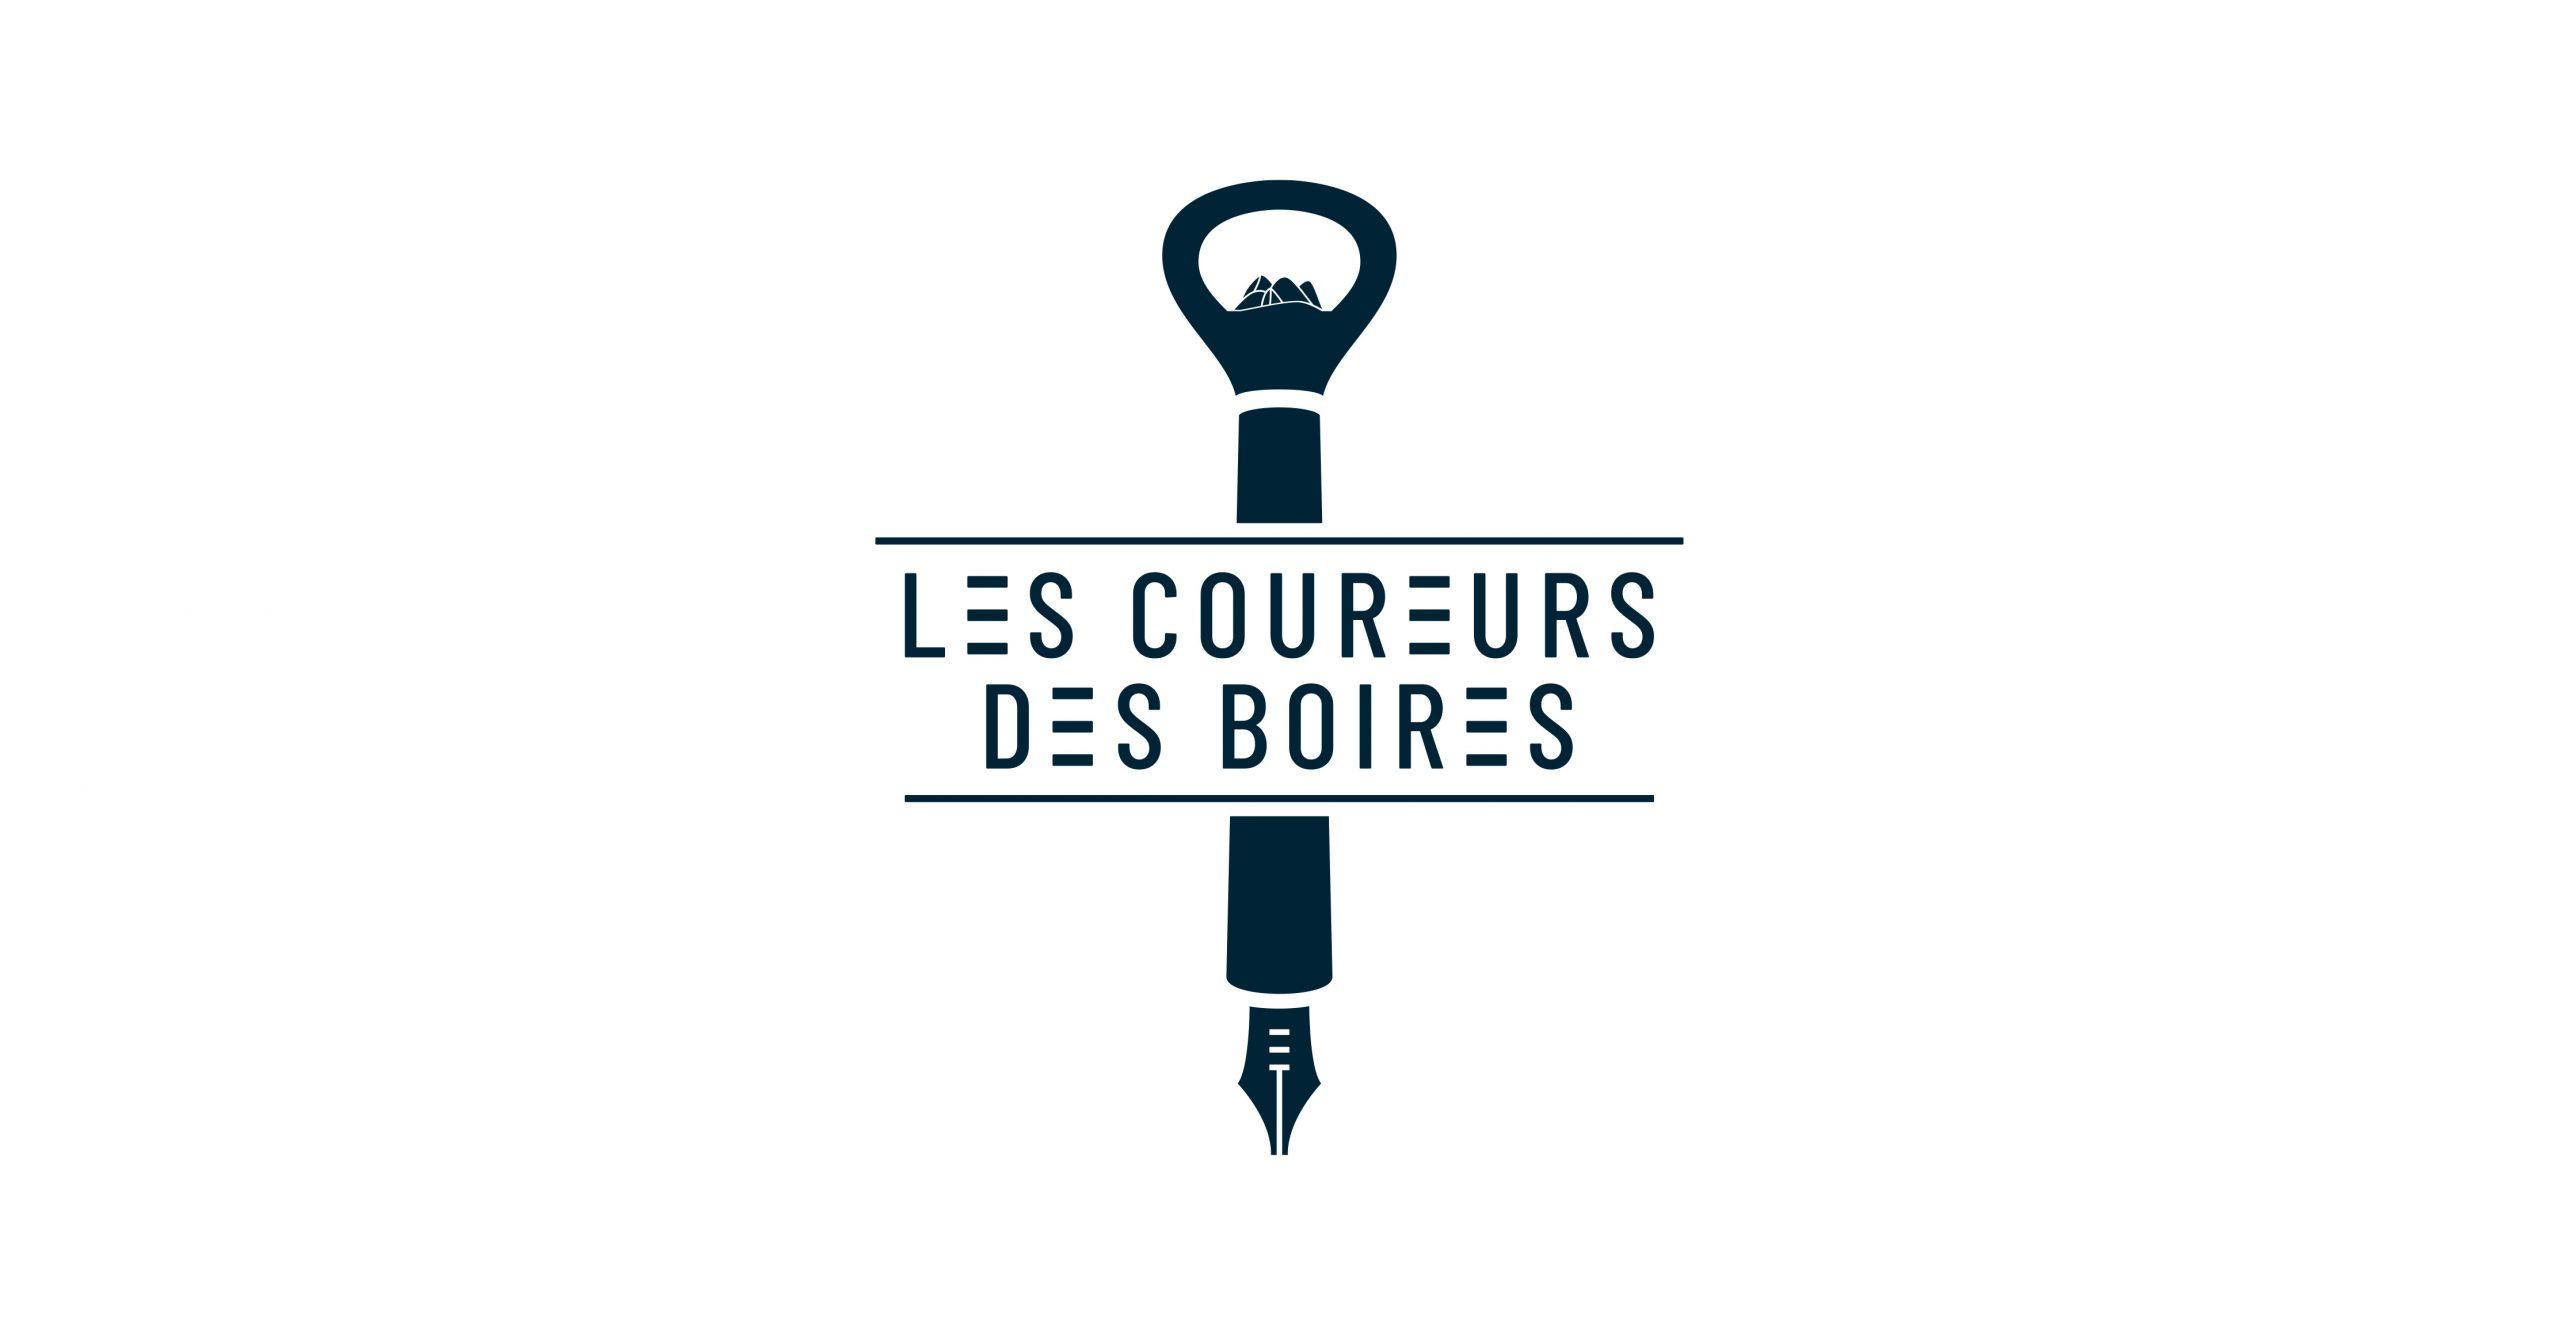 LES COUREURS DES BOIRES